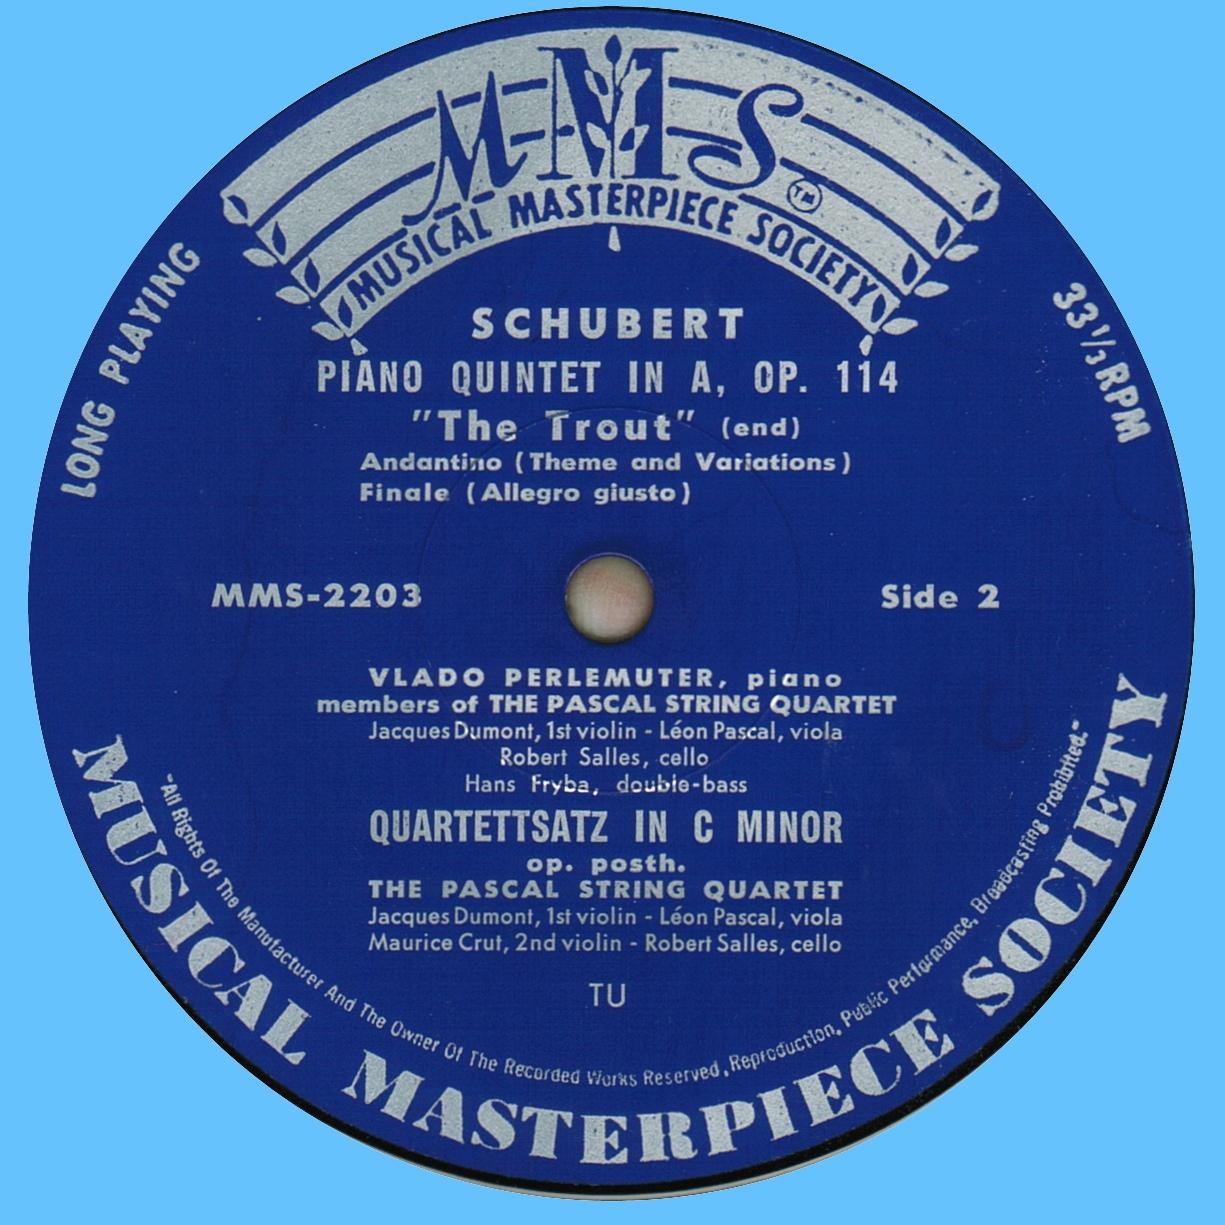 Étiquette verso du disque MMS-2003 de la Musical Masterpiece Society, gravé et pressé chez Turicaphon